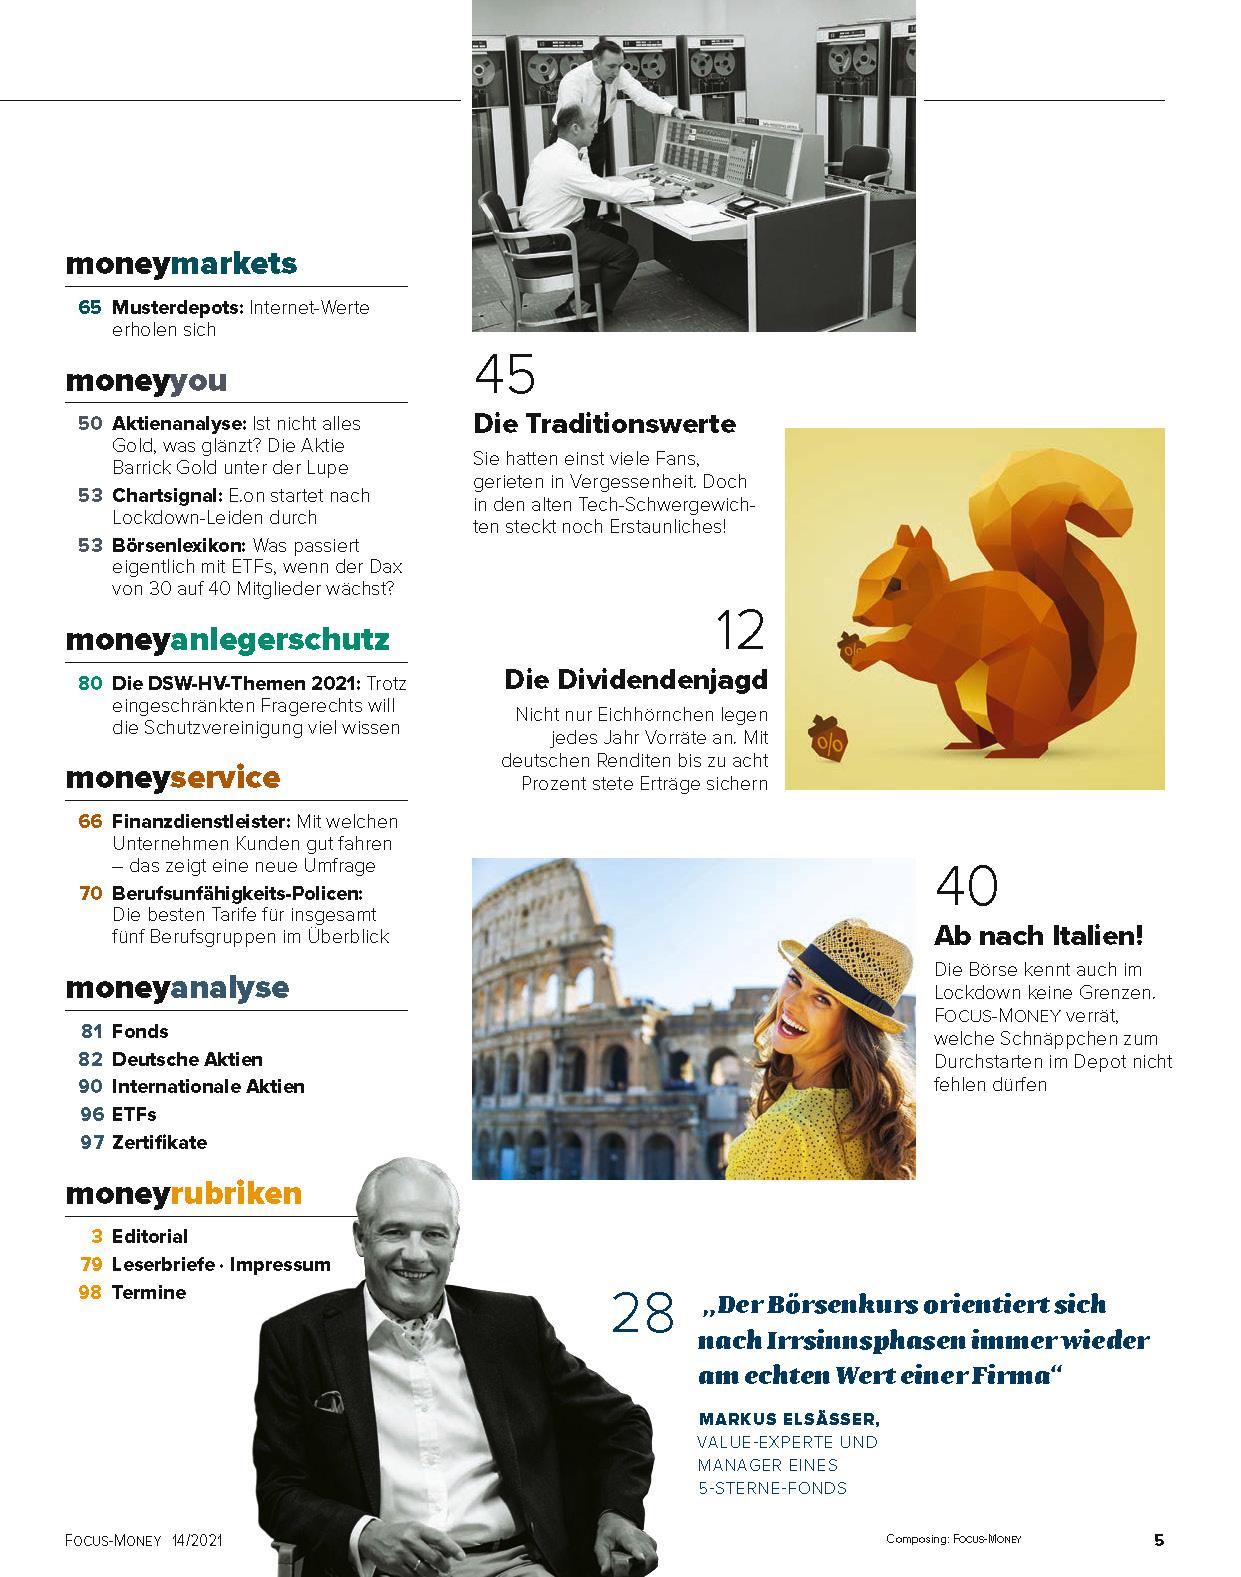 FOCUS-MONEY FOCUS MONEY – Die 100 besten Value-Aktien